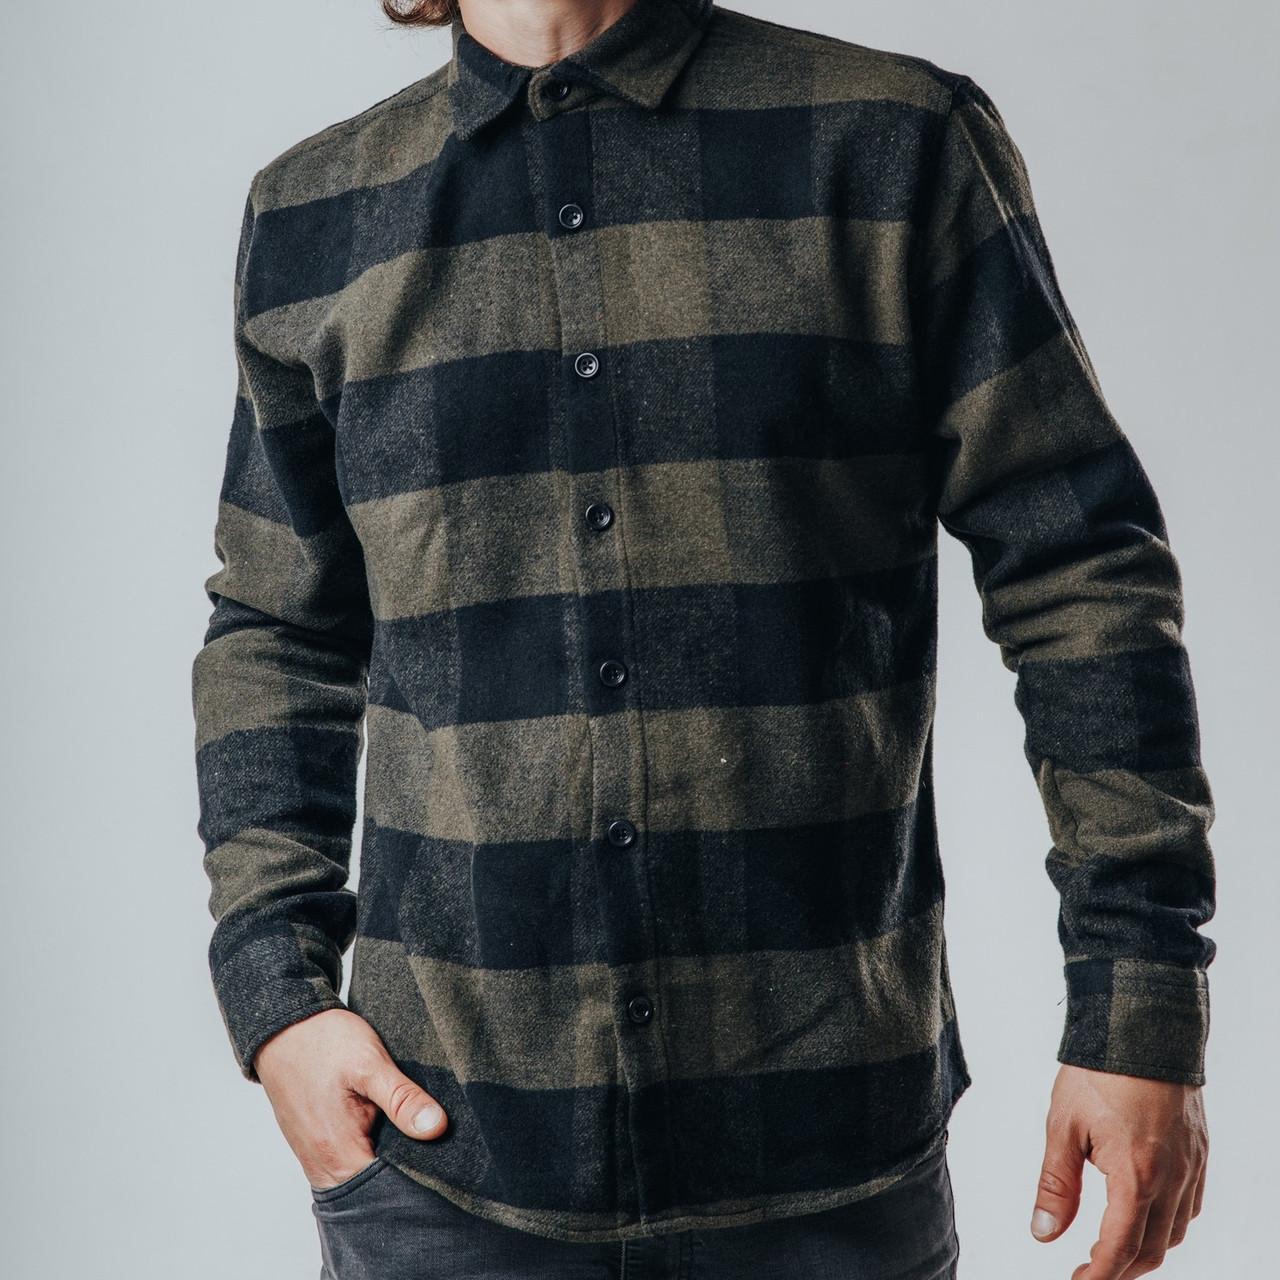 Рубашка мужская клетчатая свето-серая с черным